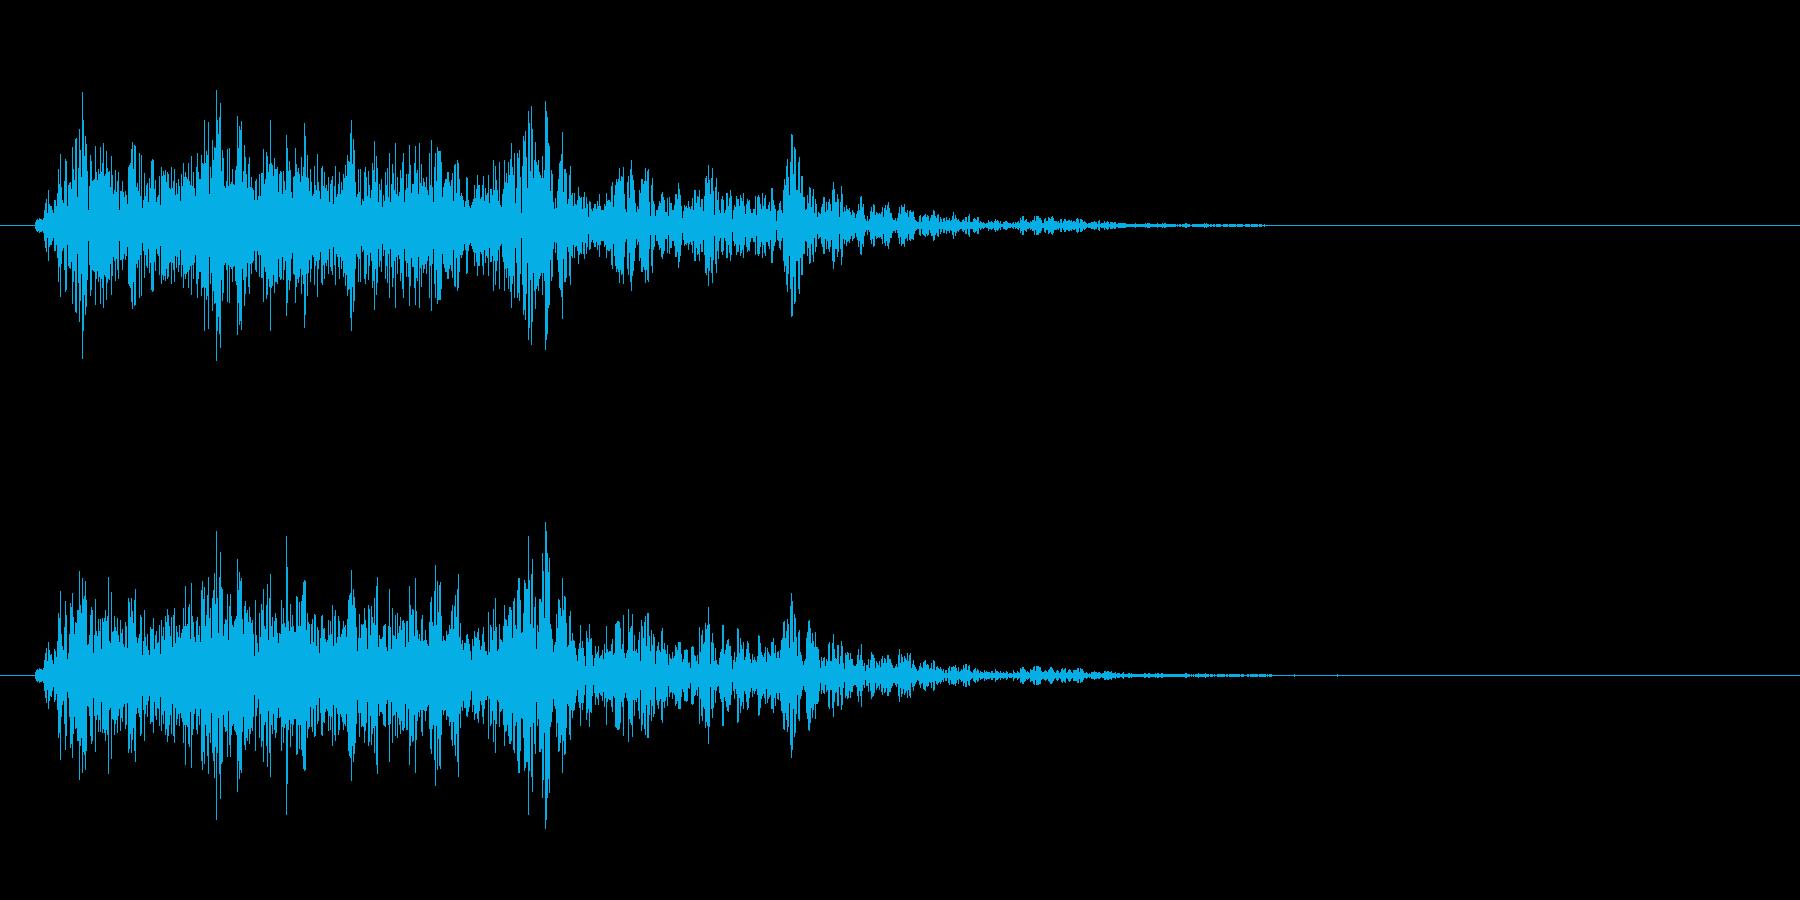 リアルな雷の効果音!の再生済みの波形